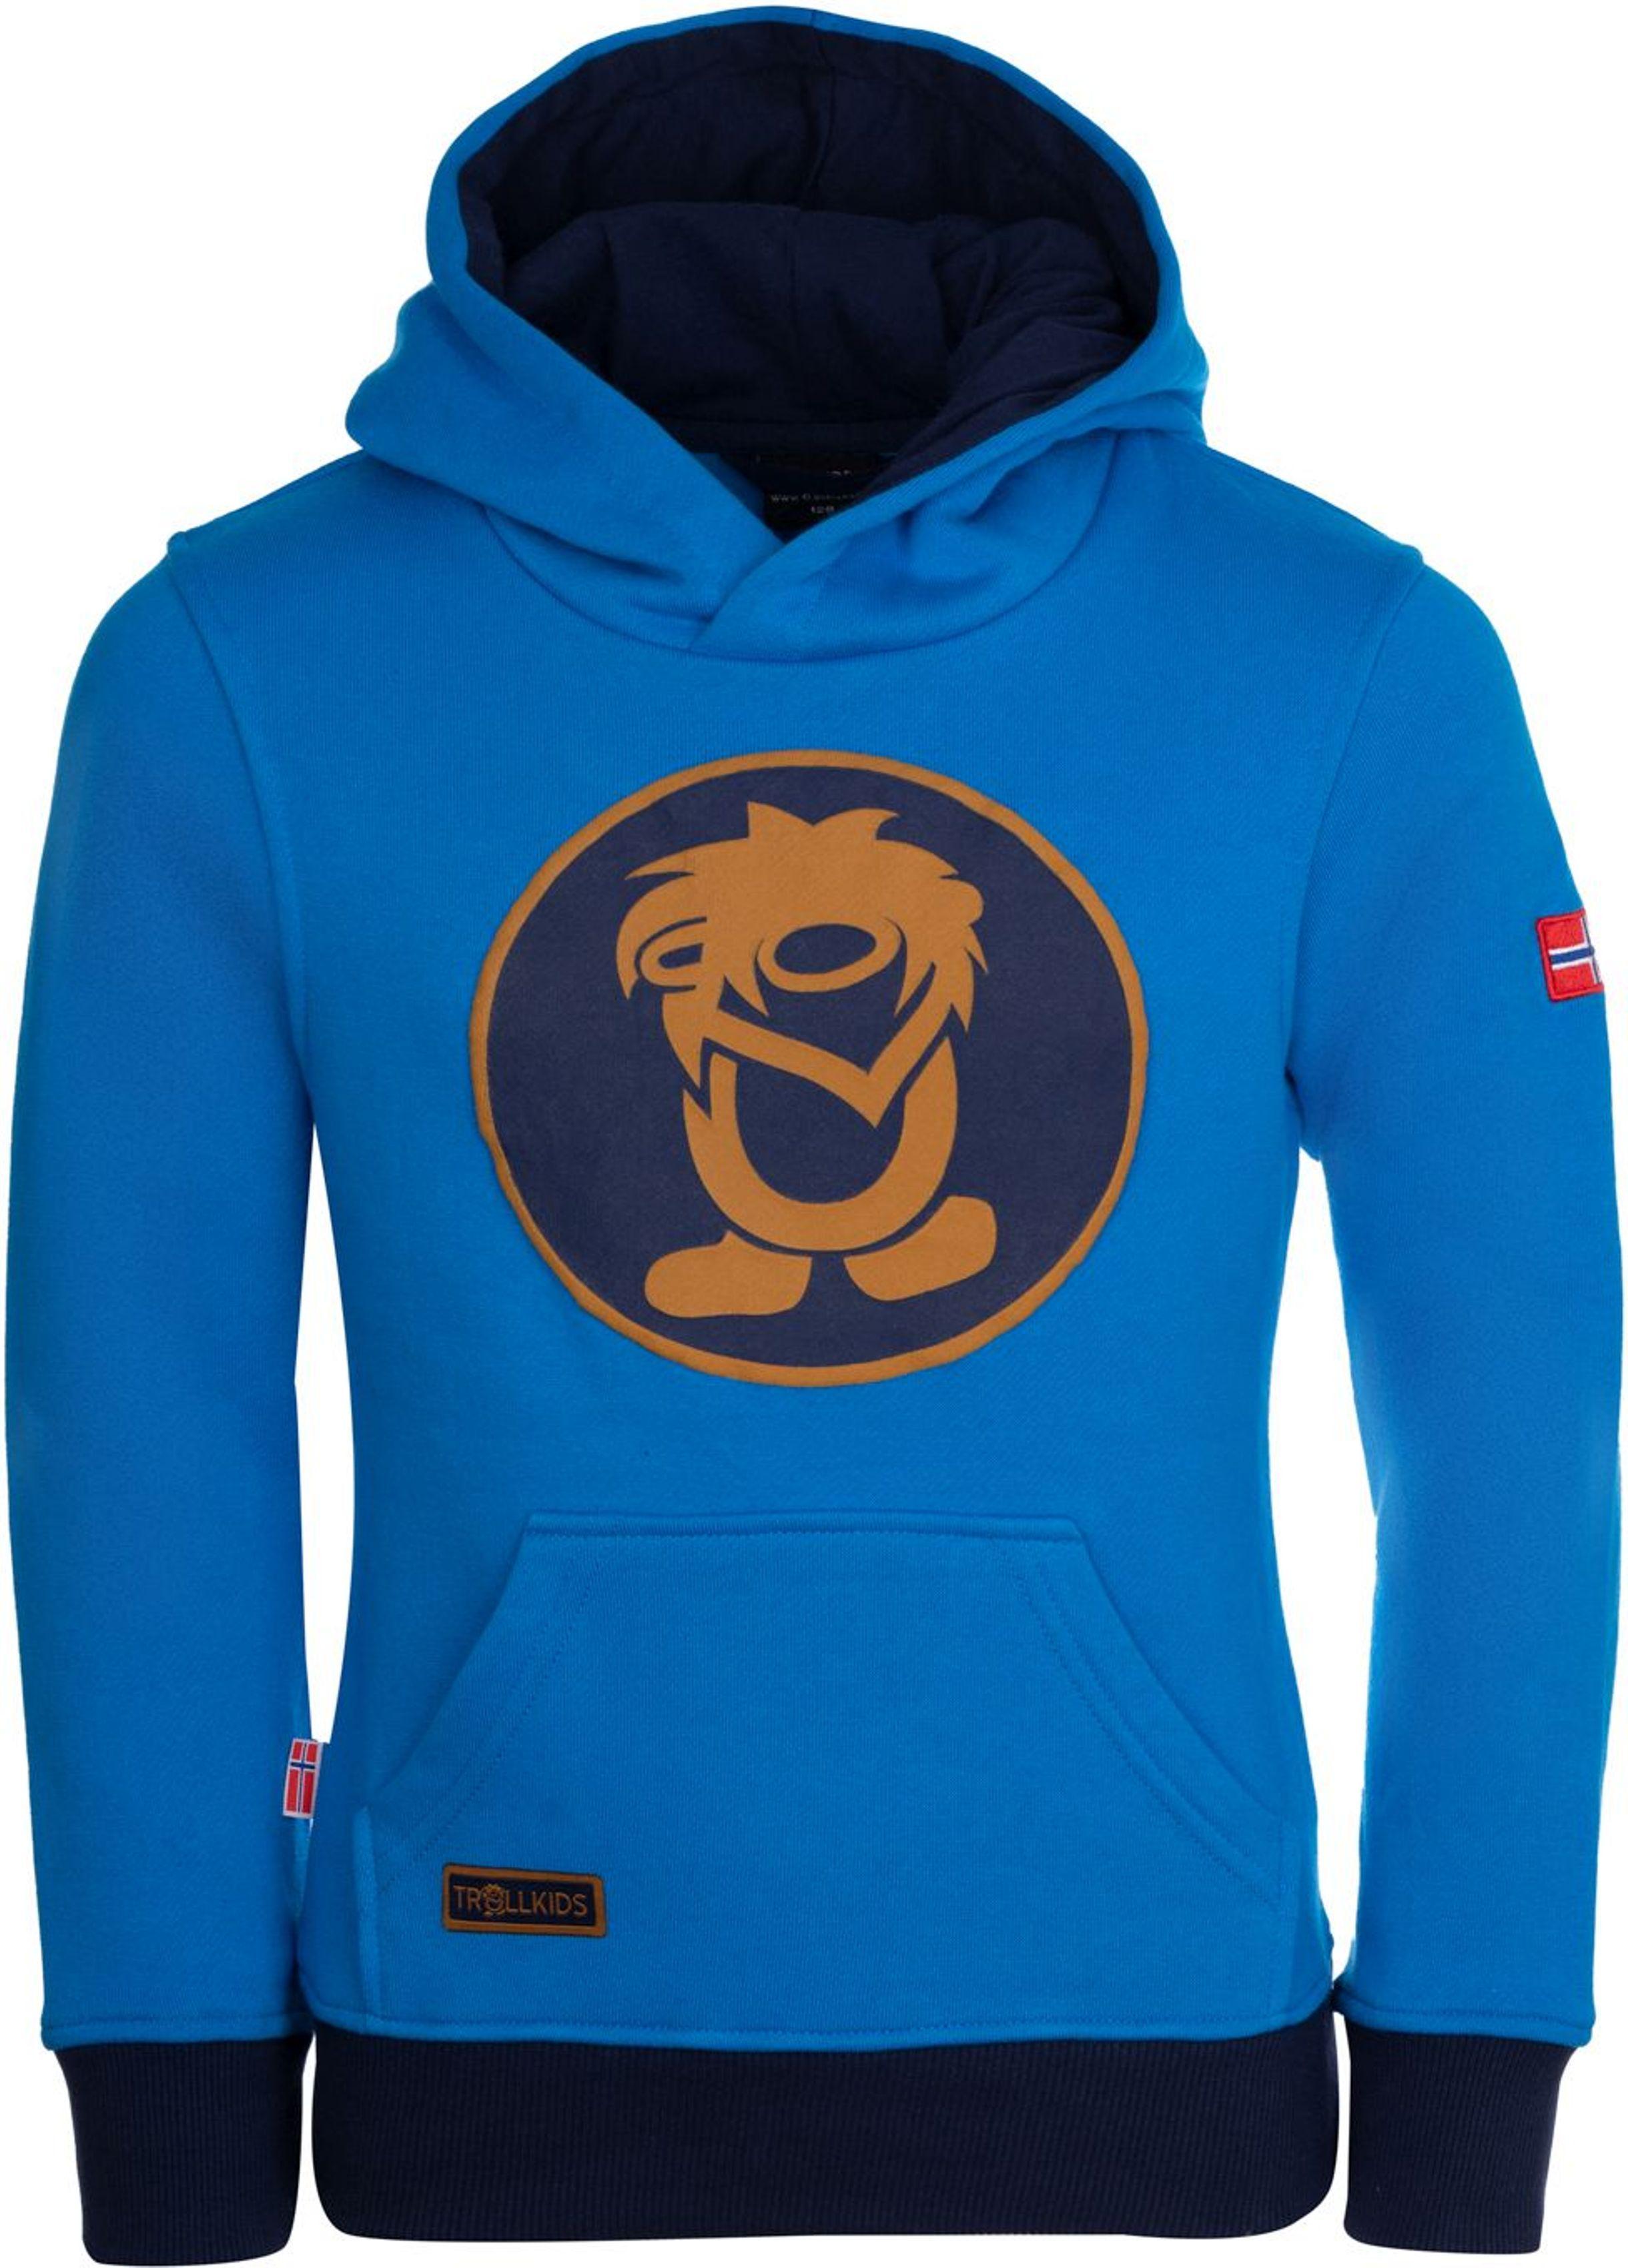 Trollkids Troll Sweater Azure Blue/Navy